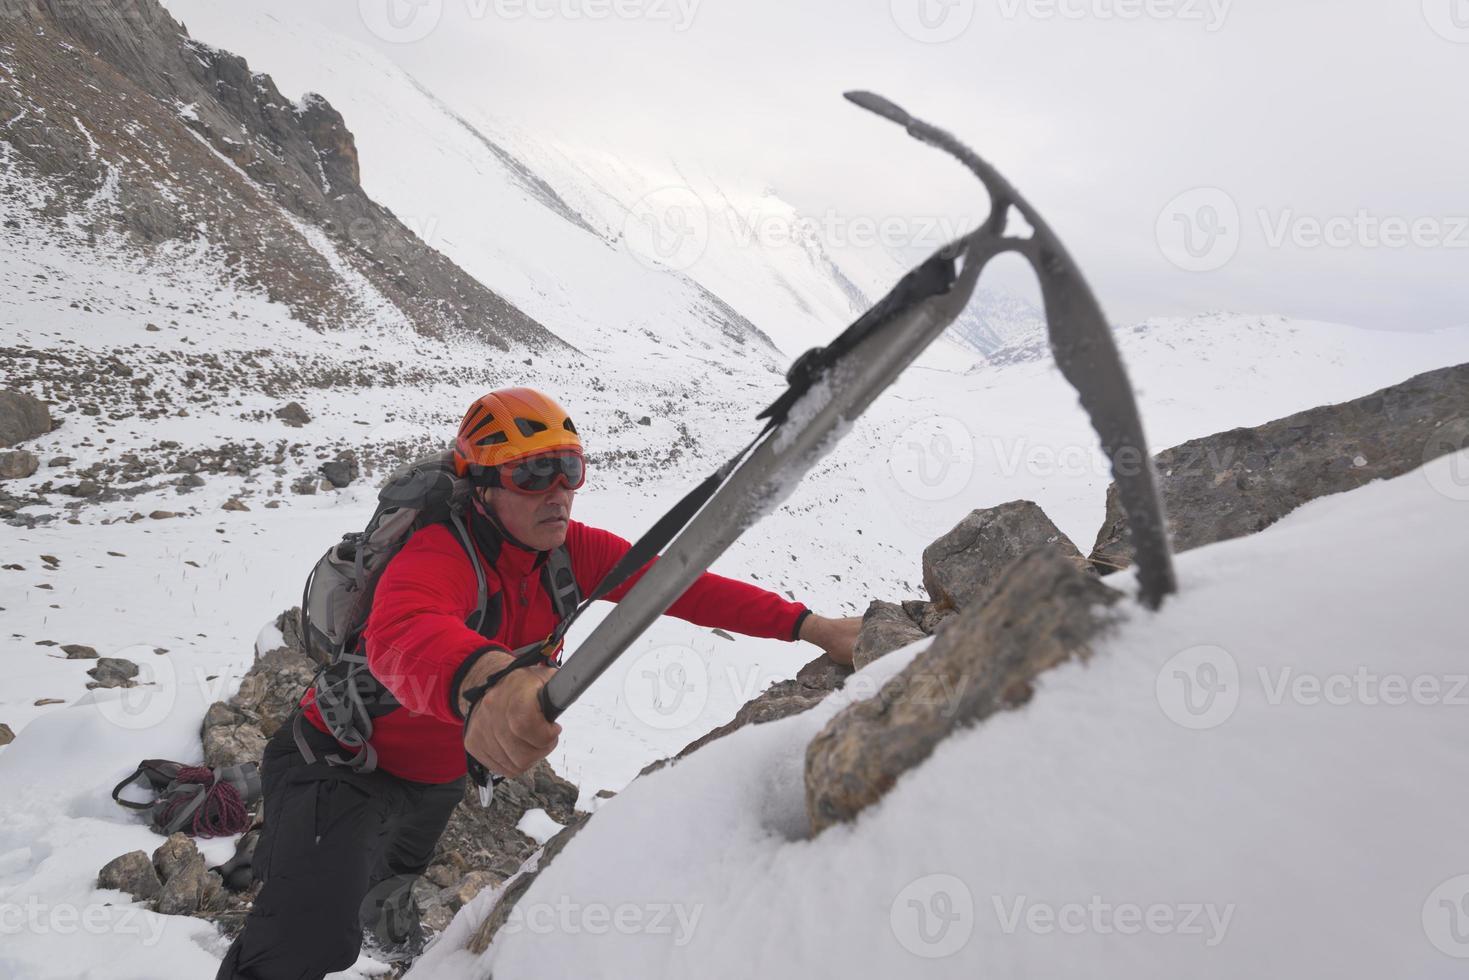 scalare una montagna foto